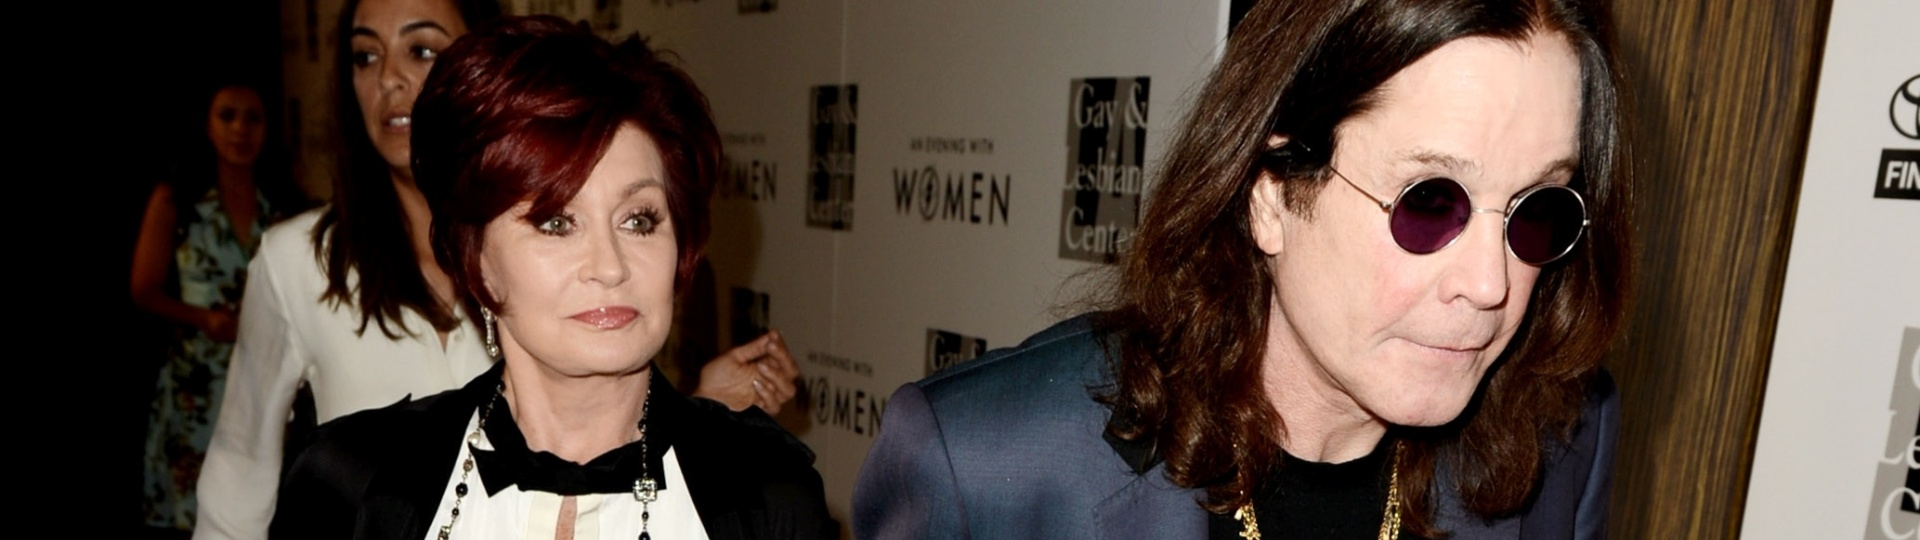 18.mai.2013 - Sharon e Ozzy Osbourne desfilam de mãos dadas em evento beneficente em Beverly Hills